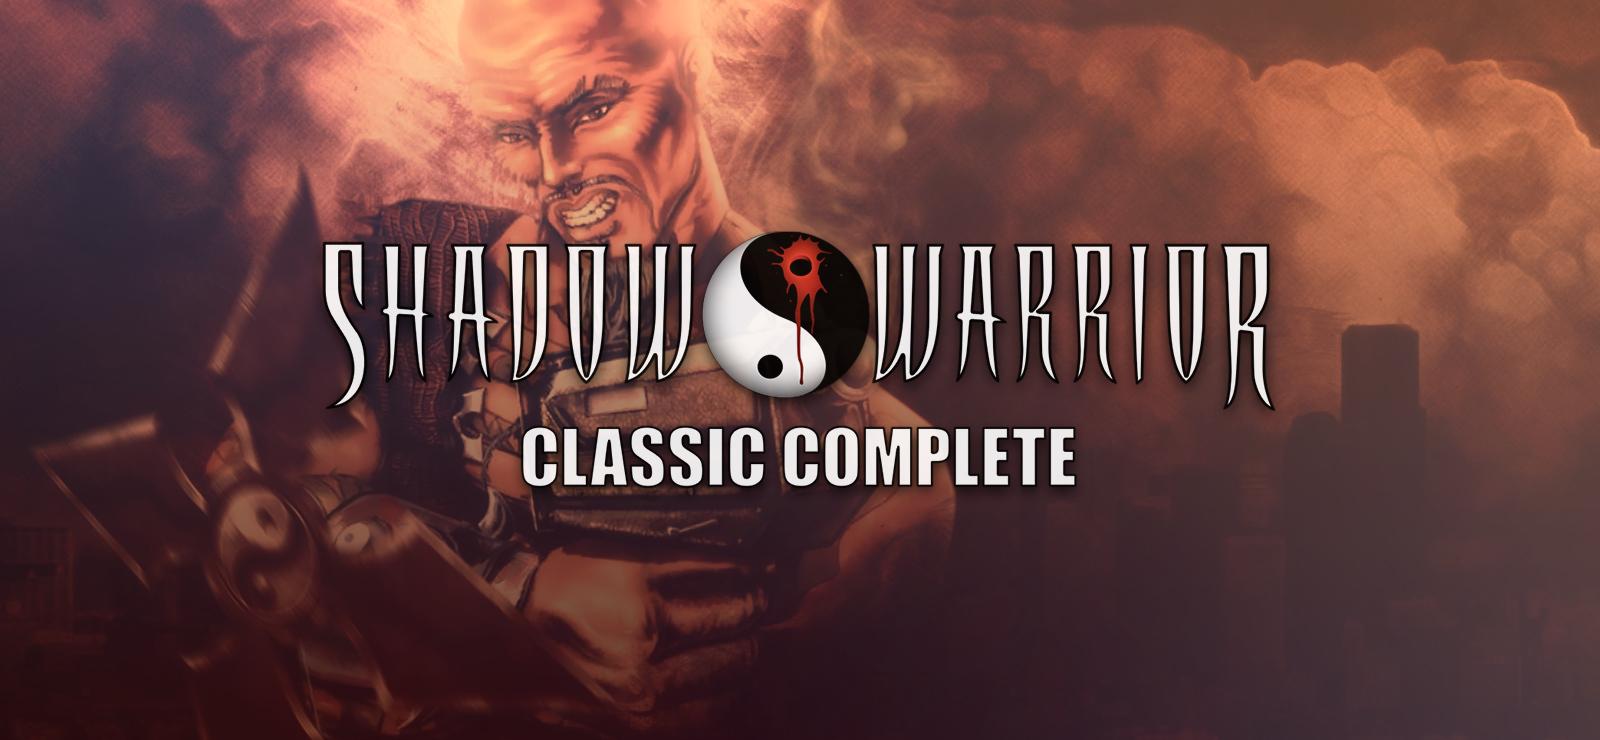 Shadow Warrior Classic Complete - Derzeit wieder gratis auf GOG.com